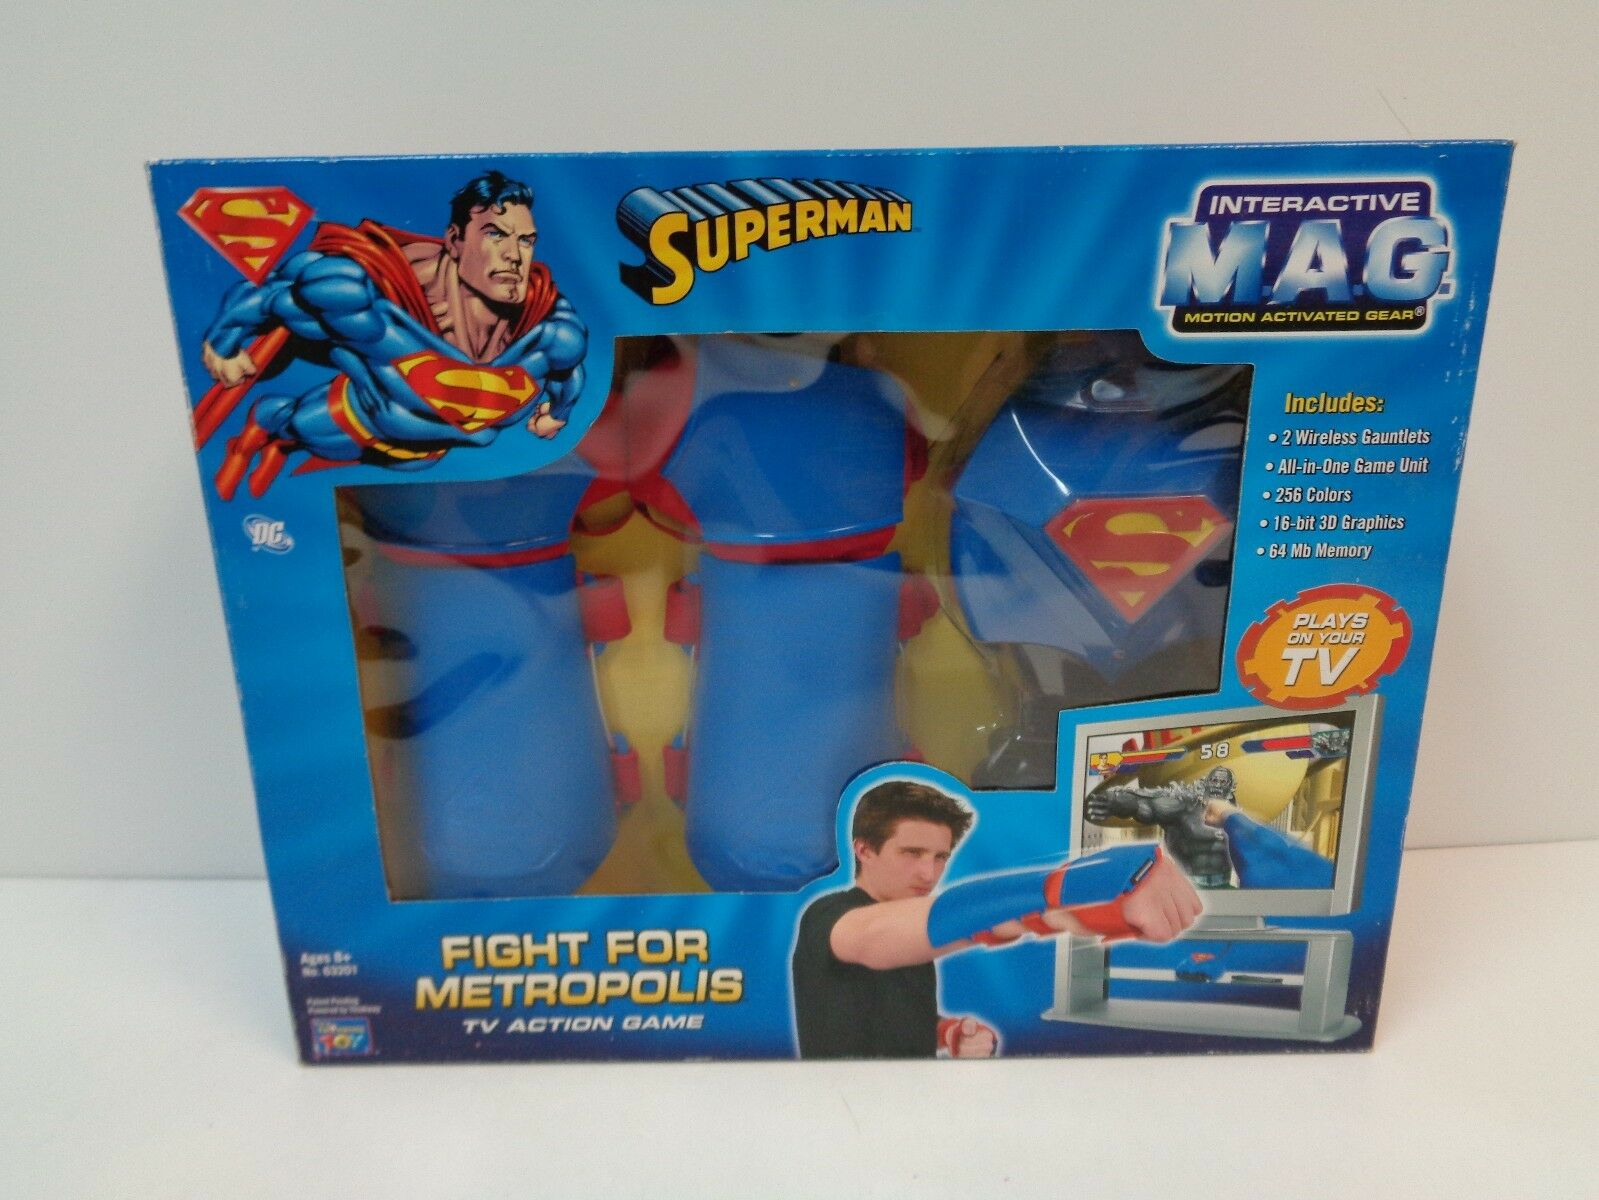 DC Comics SUPERhomme FIGHT  FOR METROPOLIS TV Action Game MIB Interactive M.A.G.  prix raisonnable